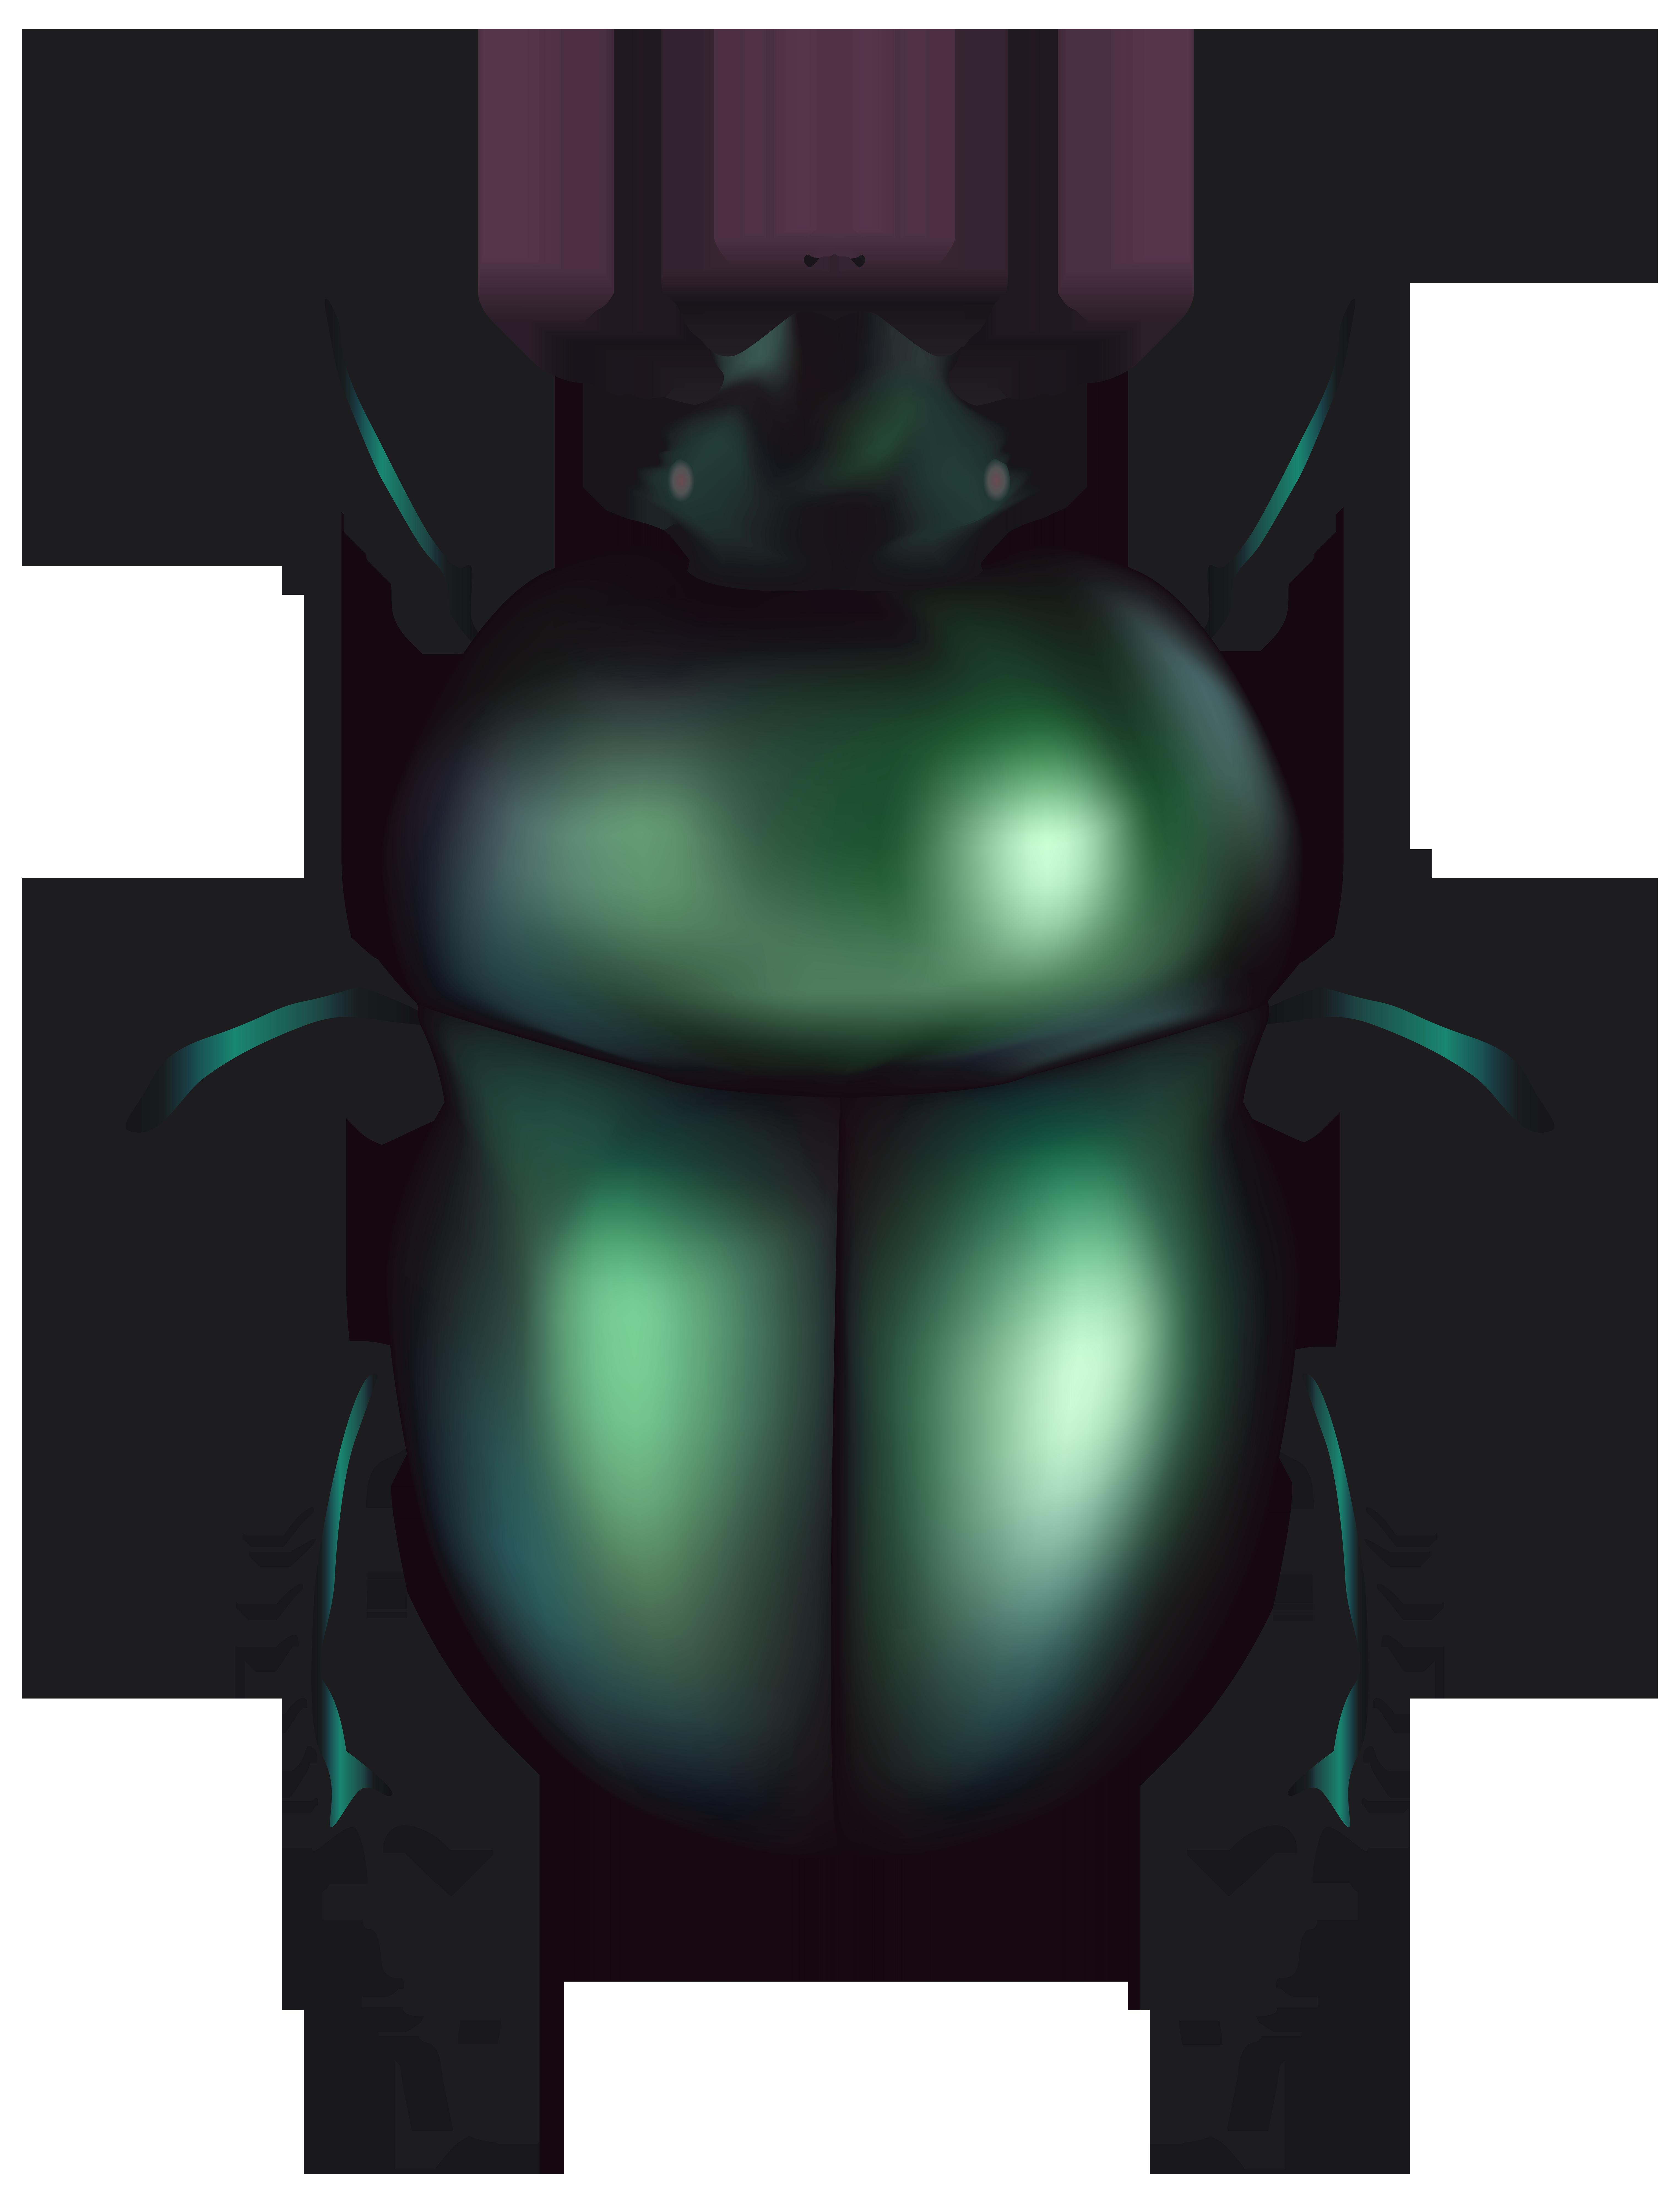 Beetle images clipart jpg royalty free Beetle Clipart | Free download best Beetle Clipart on ClipArtMag.com jpg royalty free